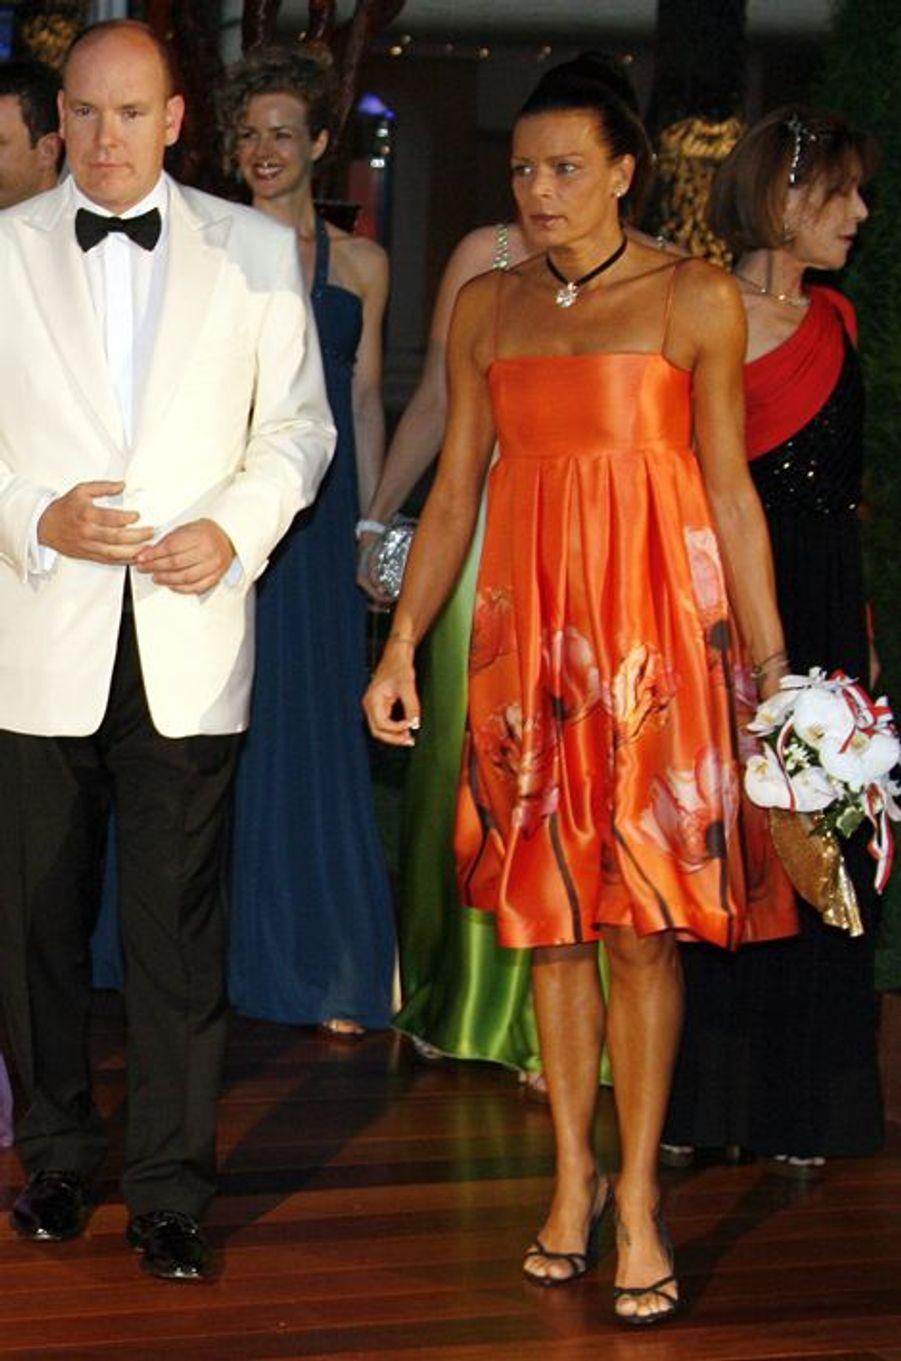 La princesse Stéphanie de Monaco le 1er août 2008, avec le prince Albert